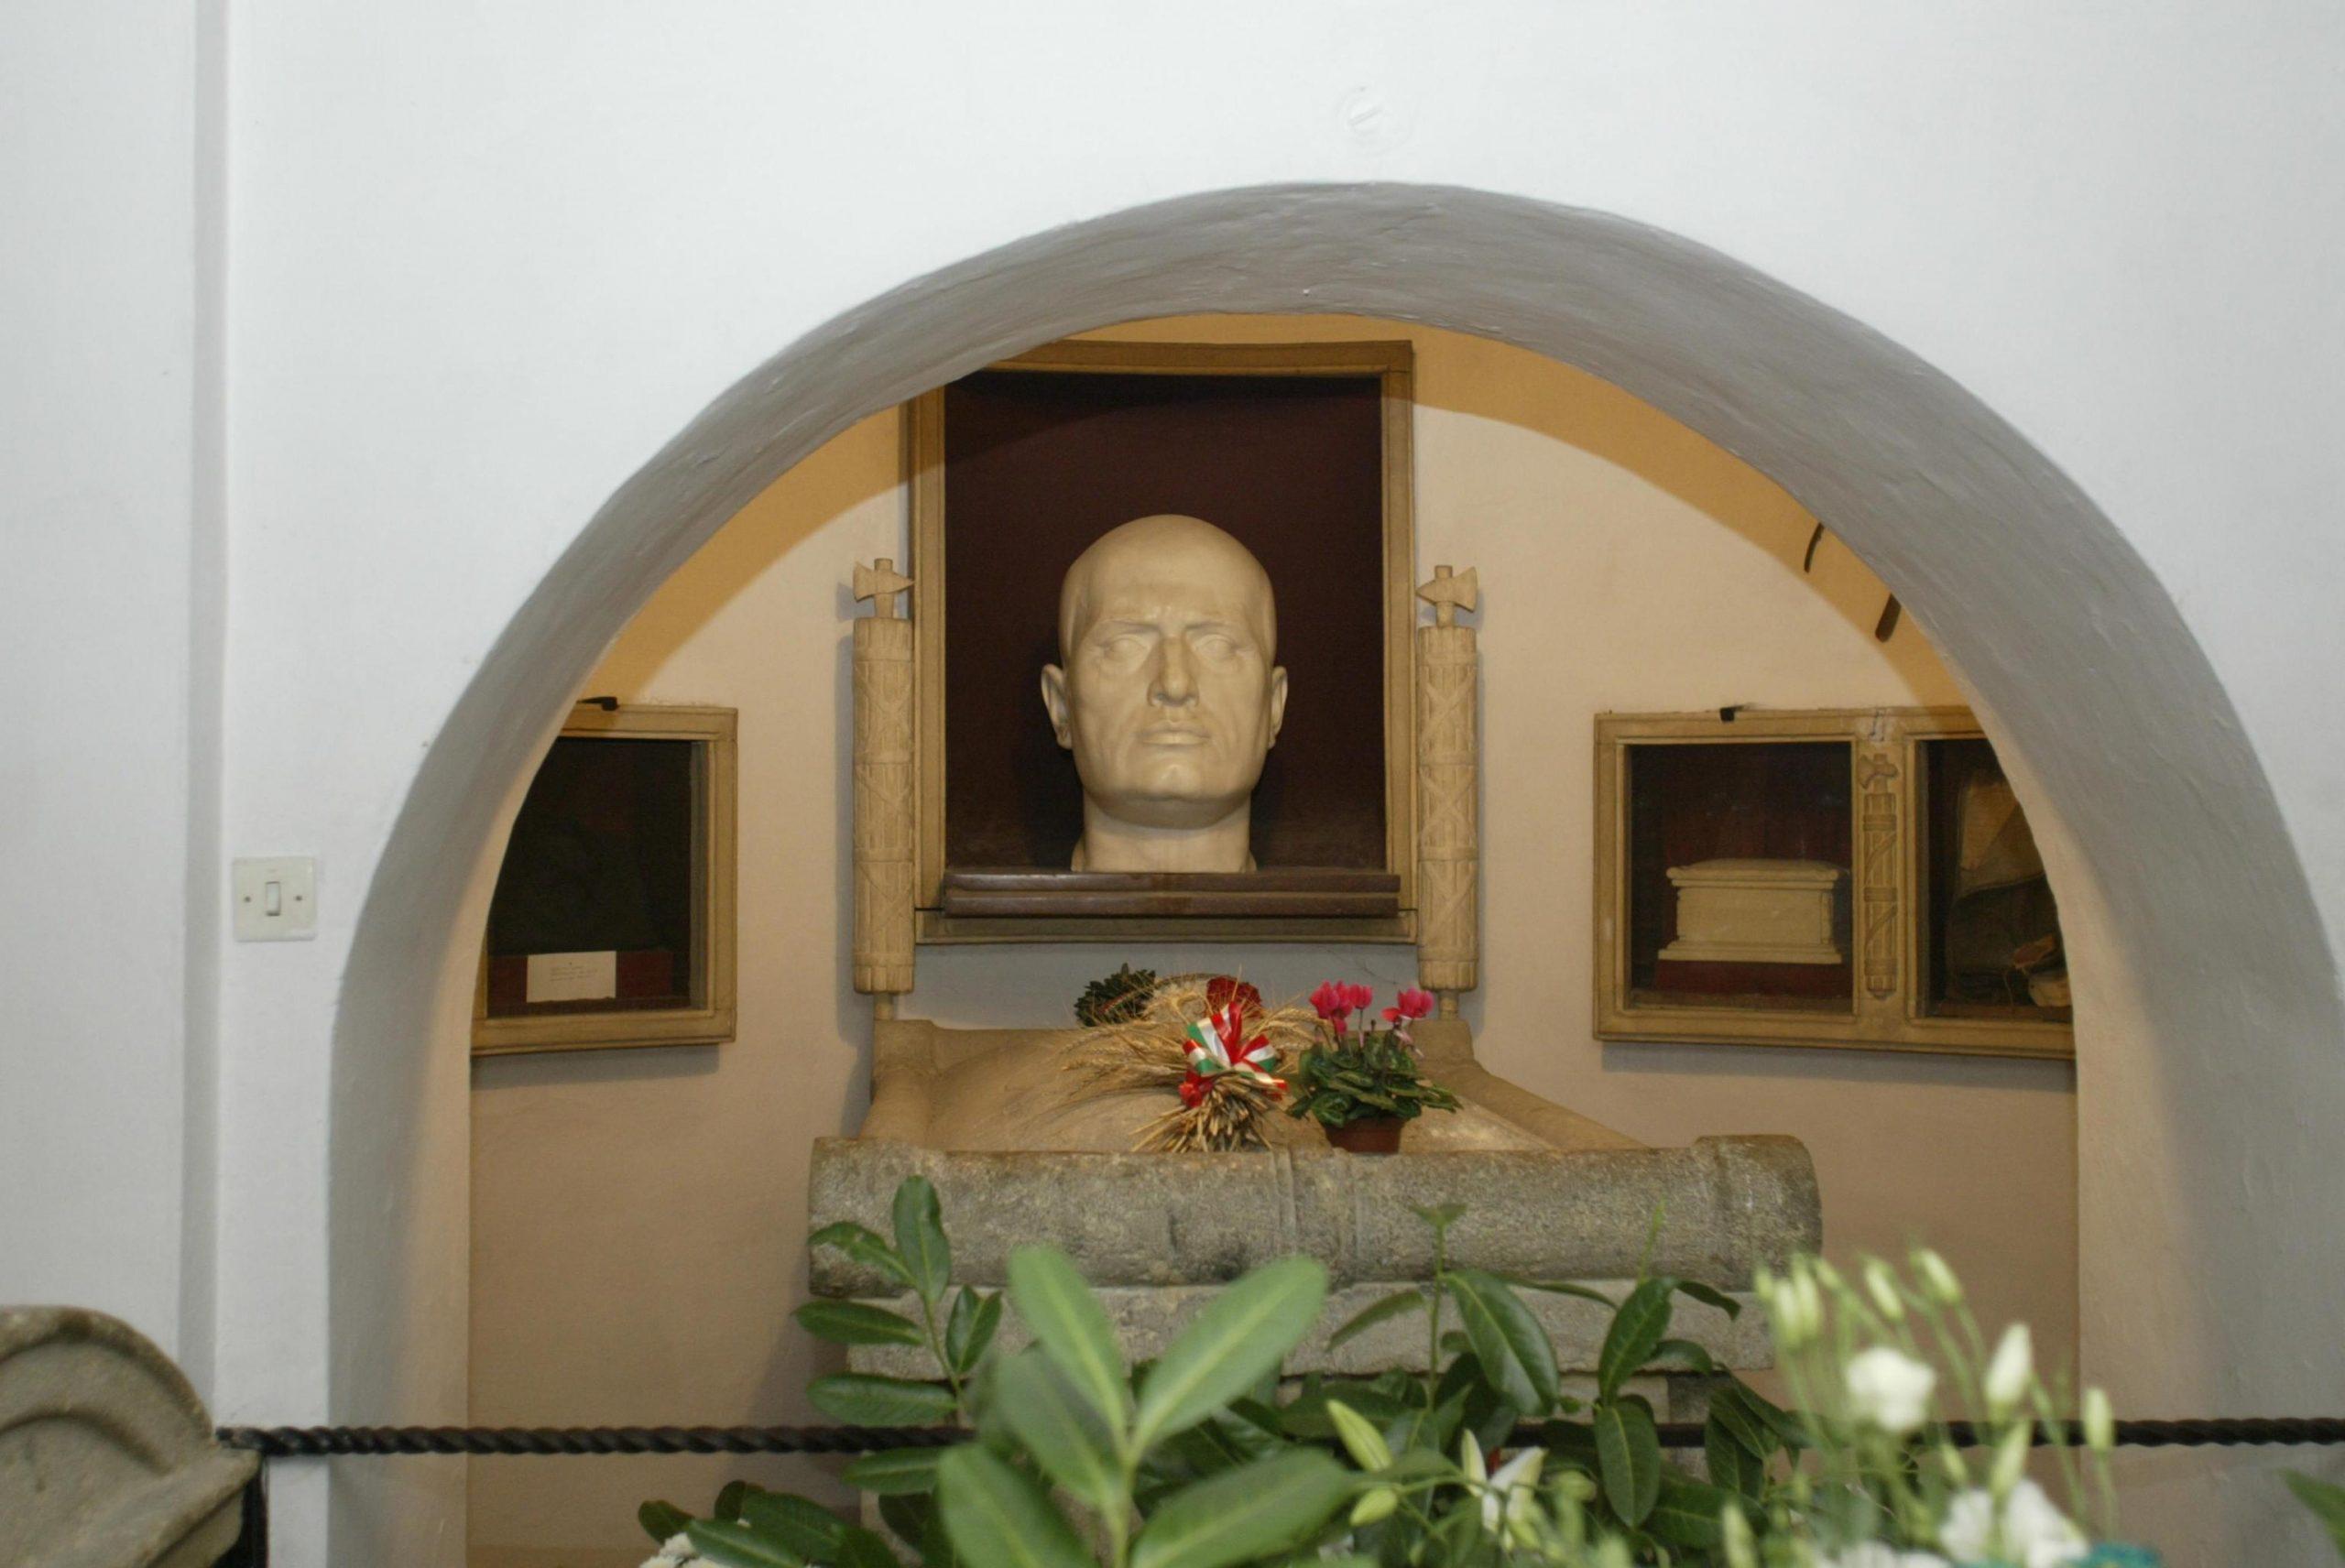 La Cripta Mussolini apre-non-apre-apre-non-apre